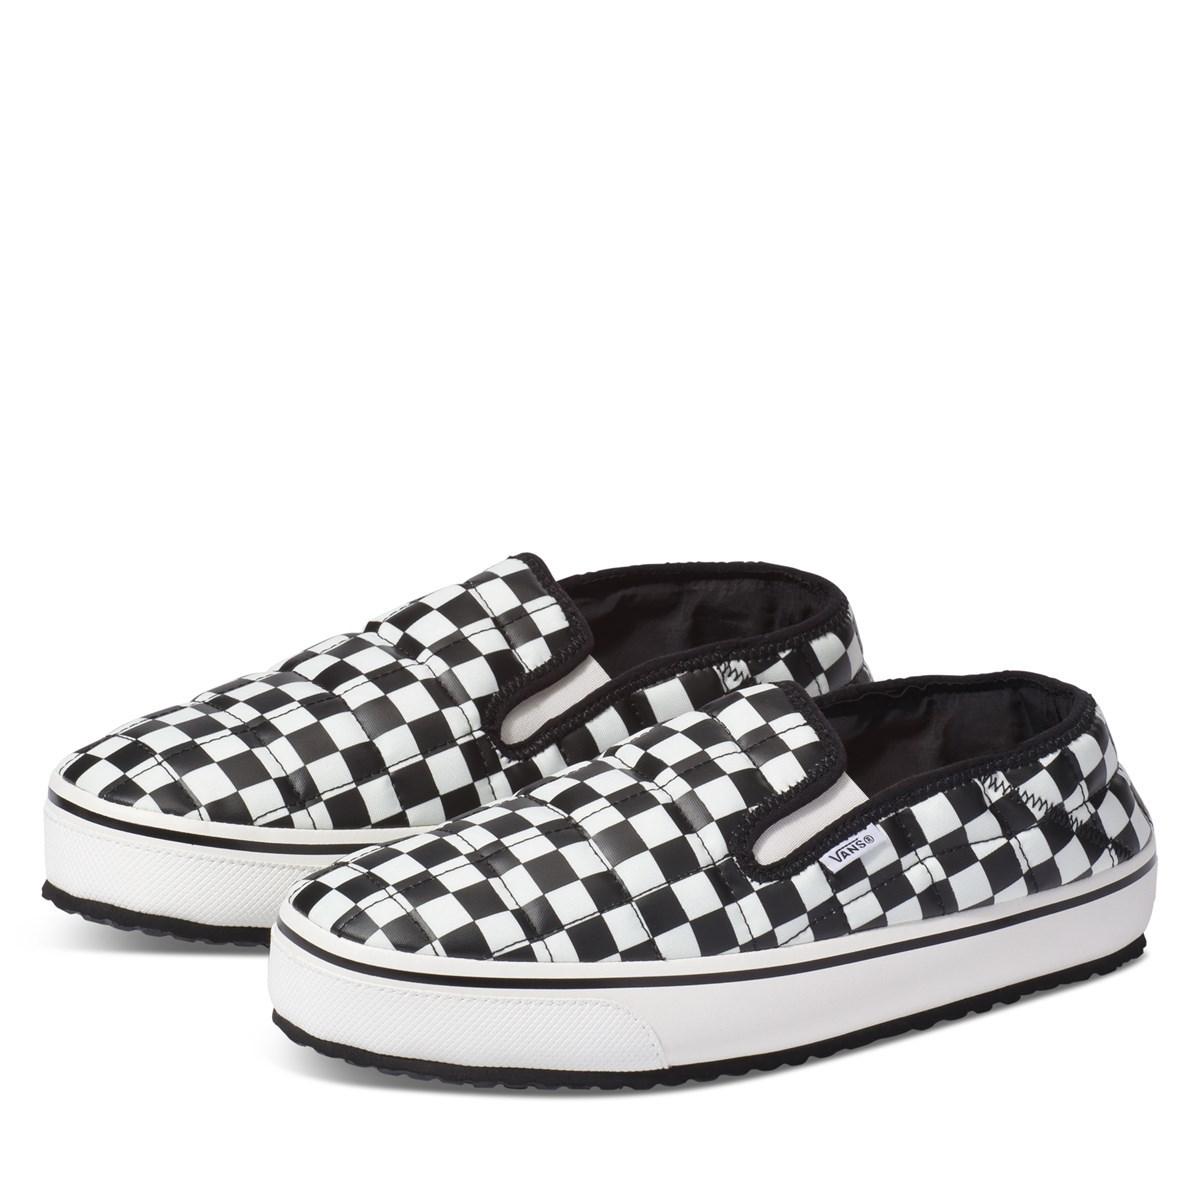 Women's Slip-Er Slippers in Checkerboard